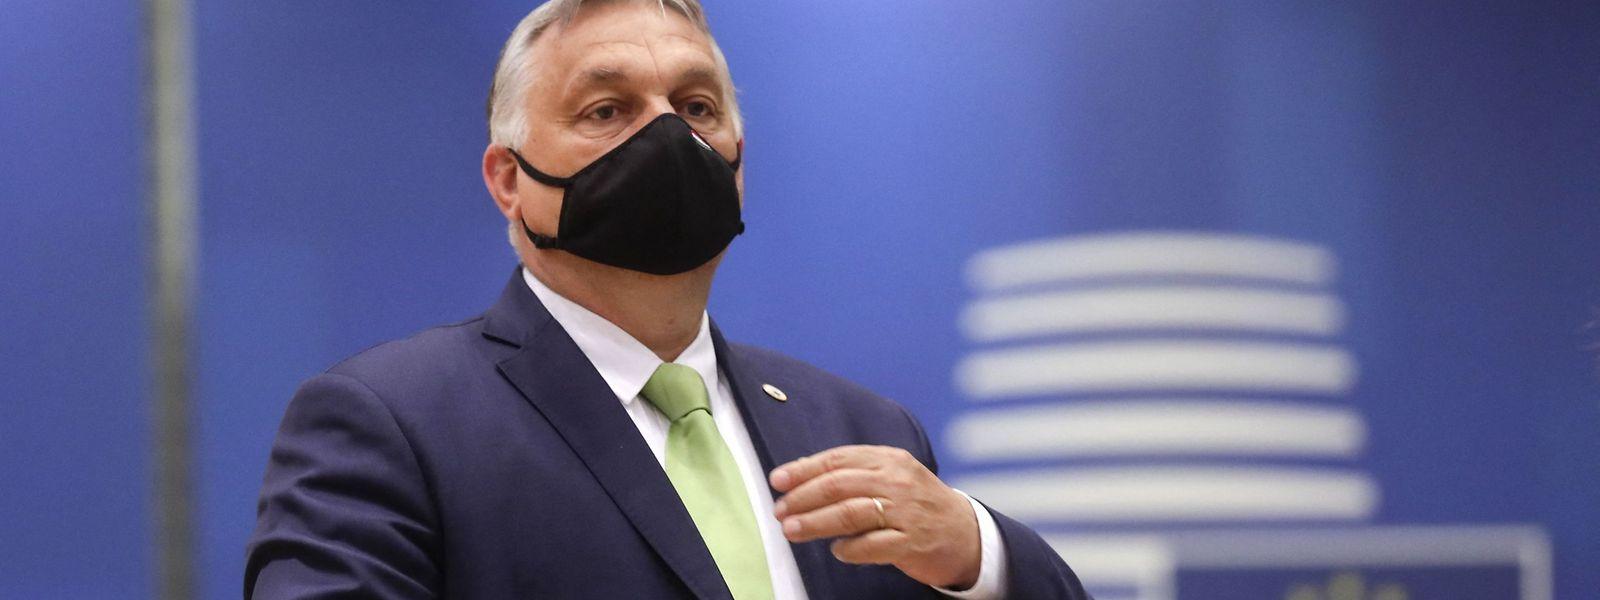 Der ungarische Premierminister Viktor Orban gefällt sich in der Rolle als Störenfried beim EU-Gipfel in Brüssel am 25.Juni.